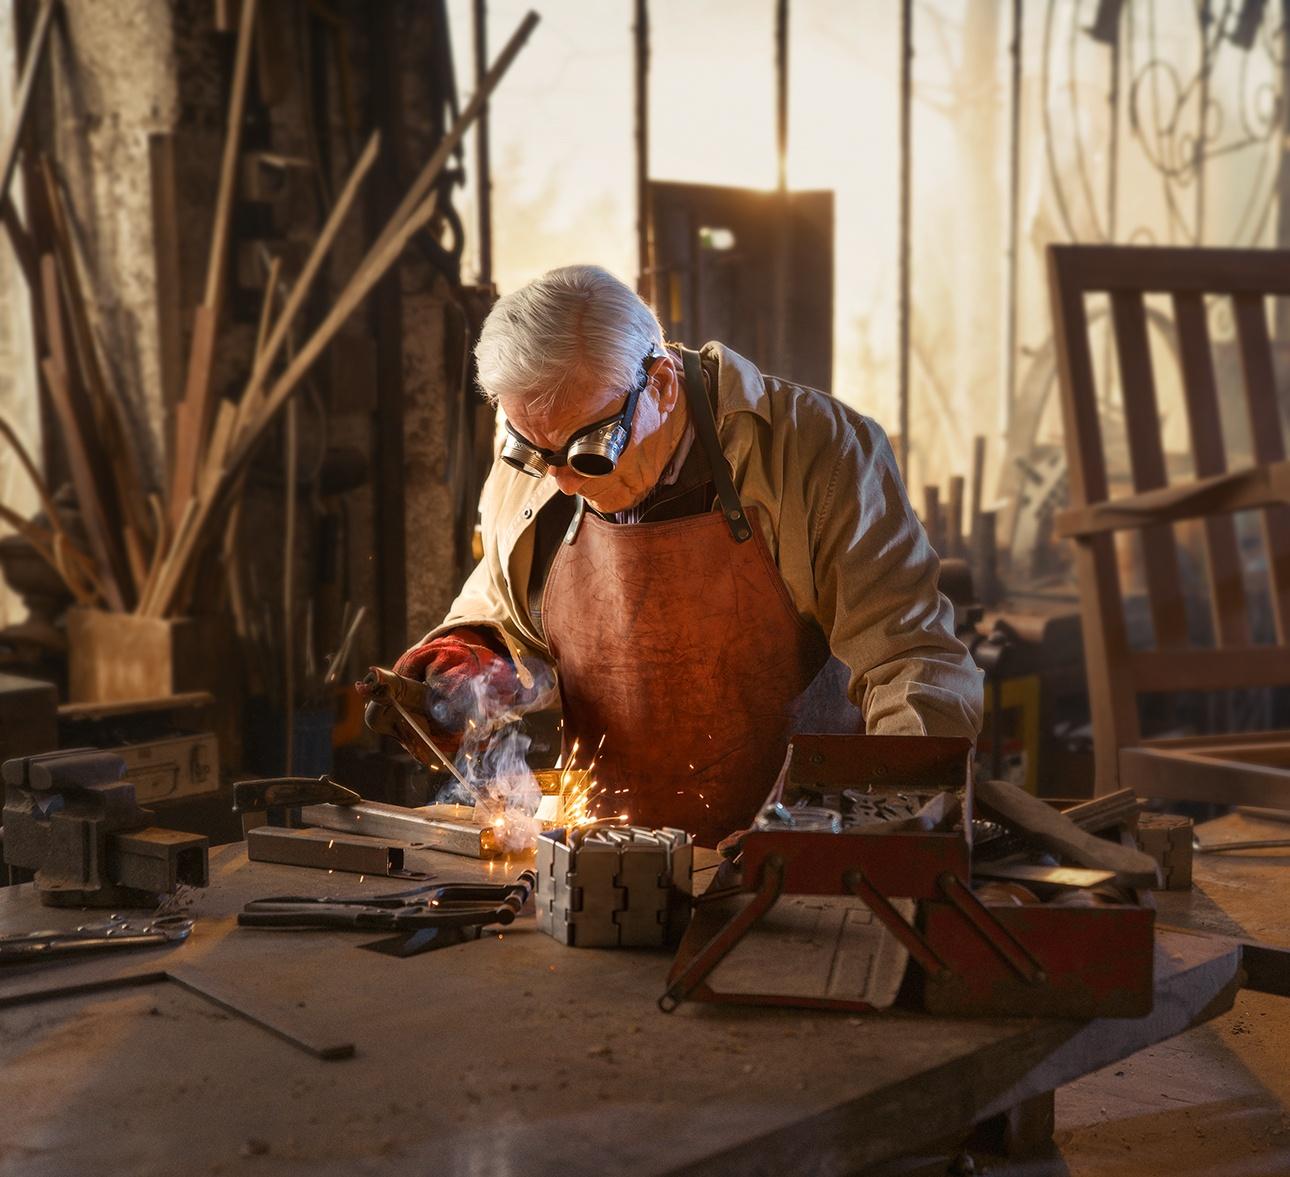 reportage autour d'un soudeur dans son atelier